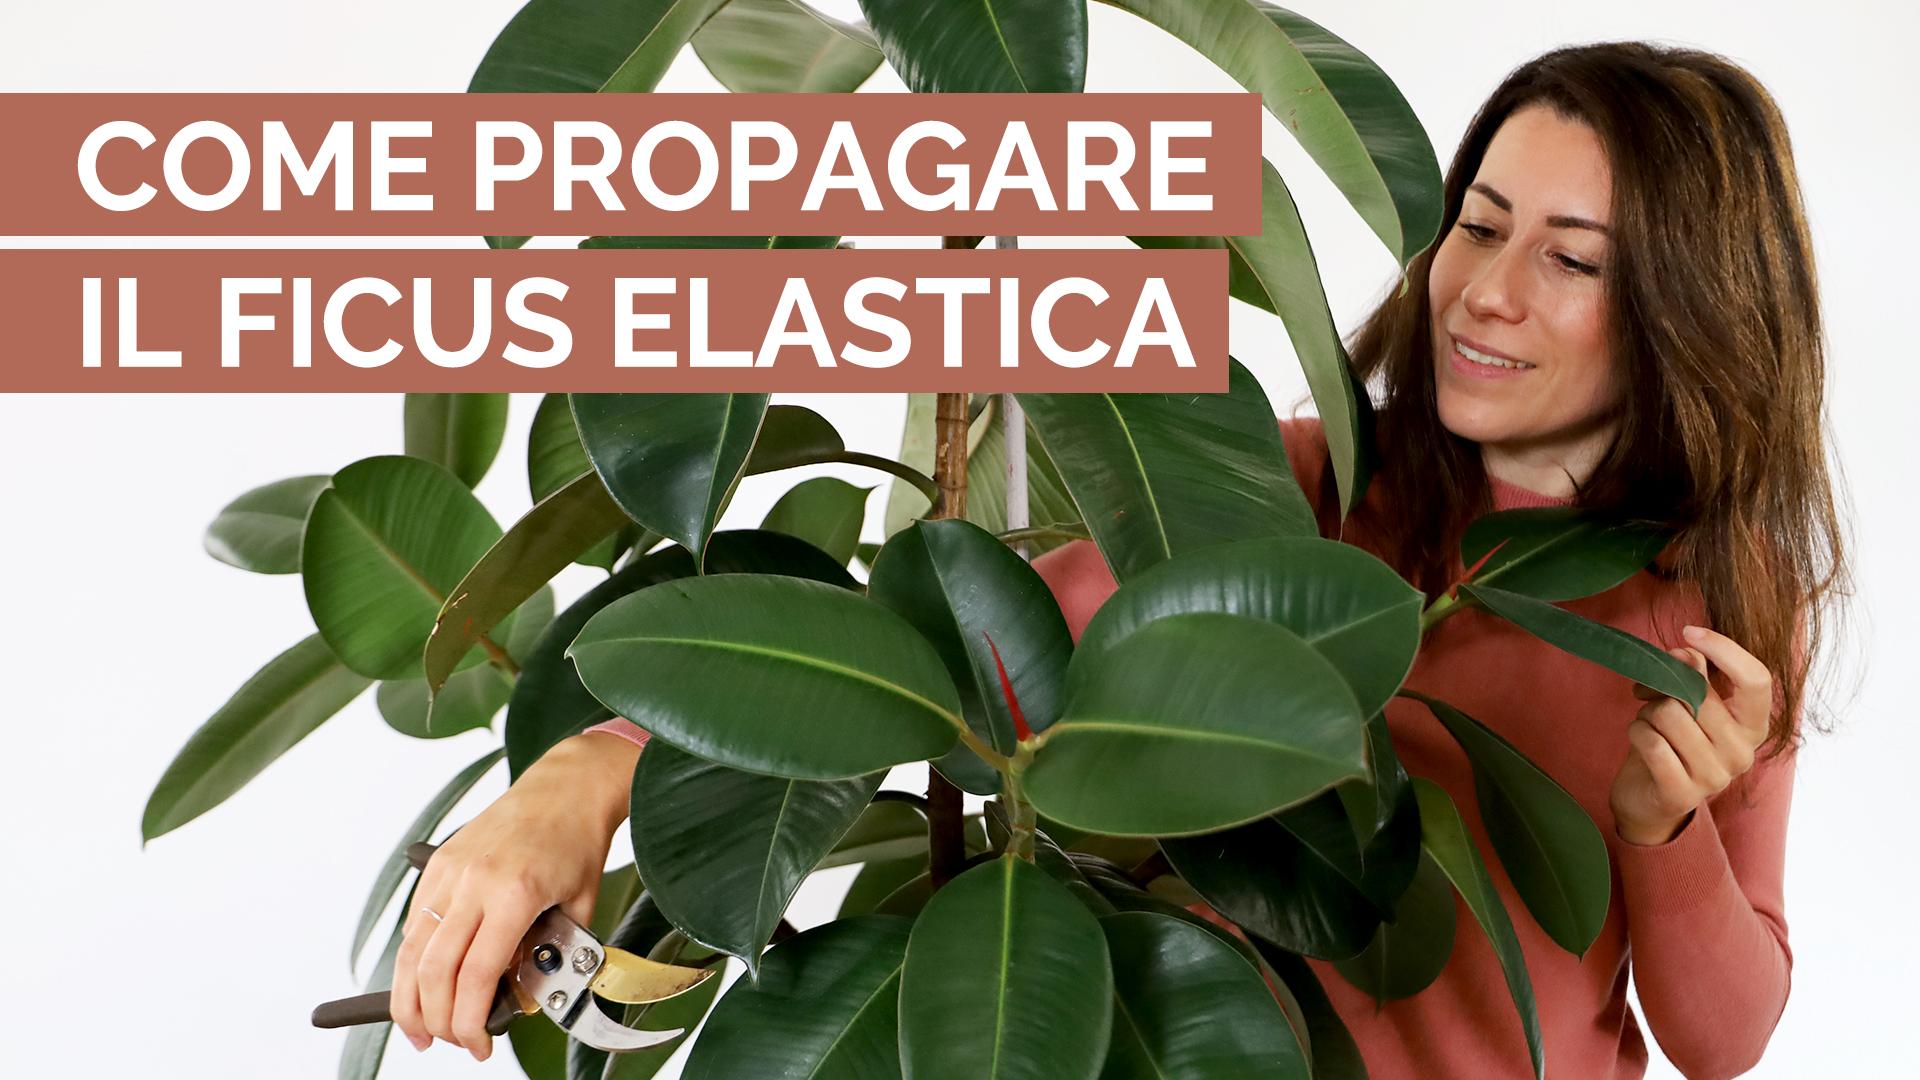 Come propagare il Ficus elastica